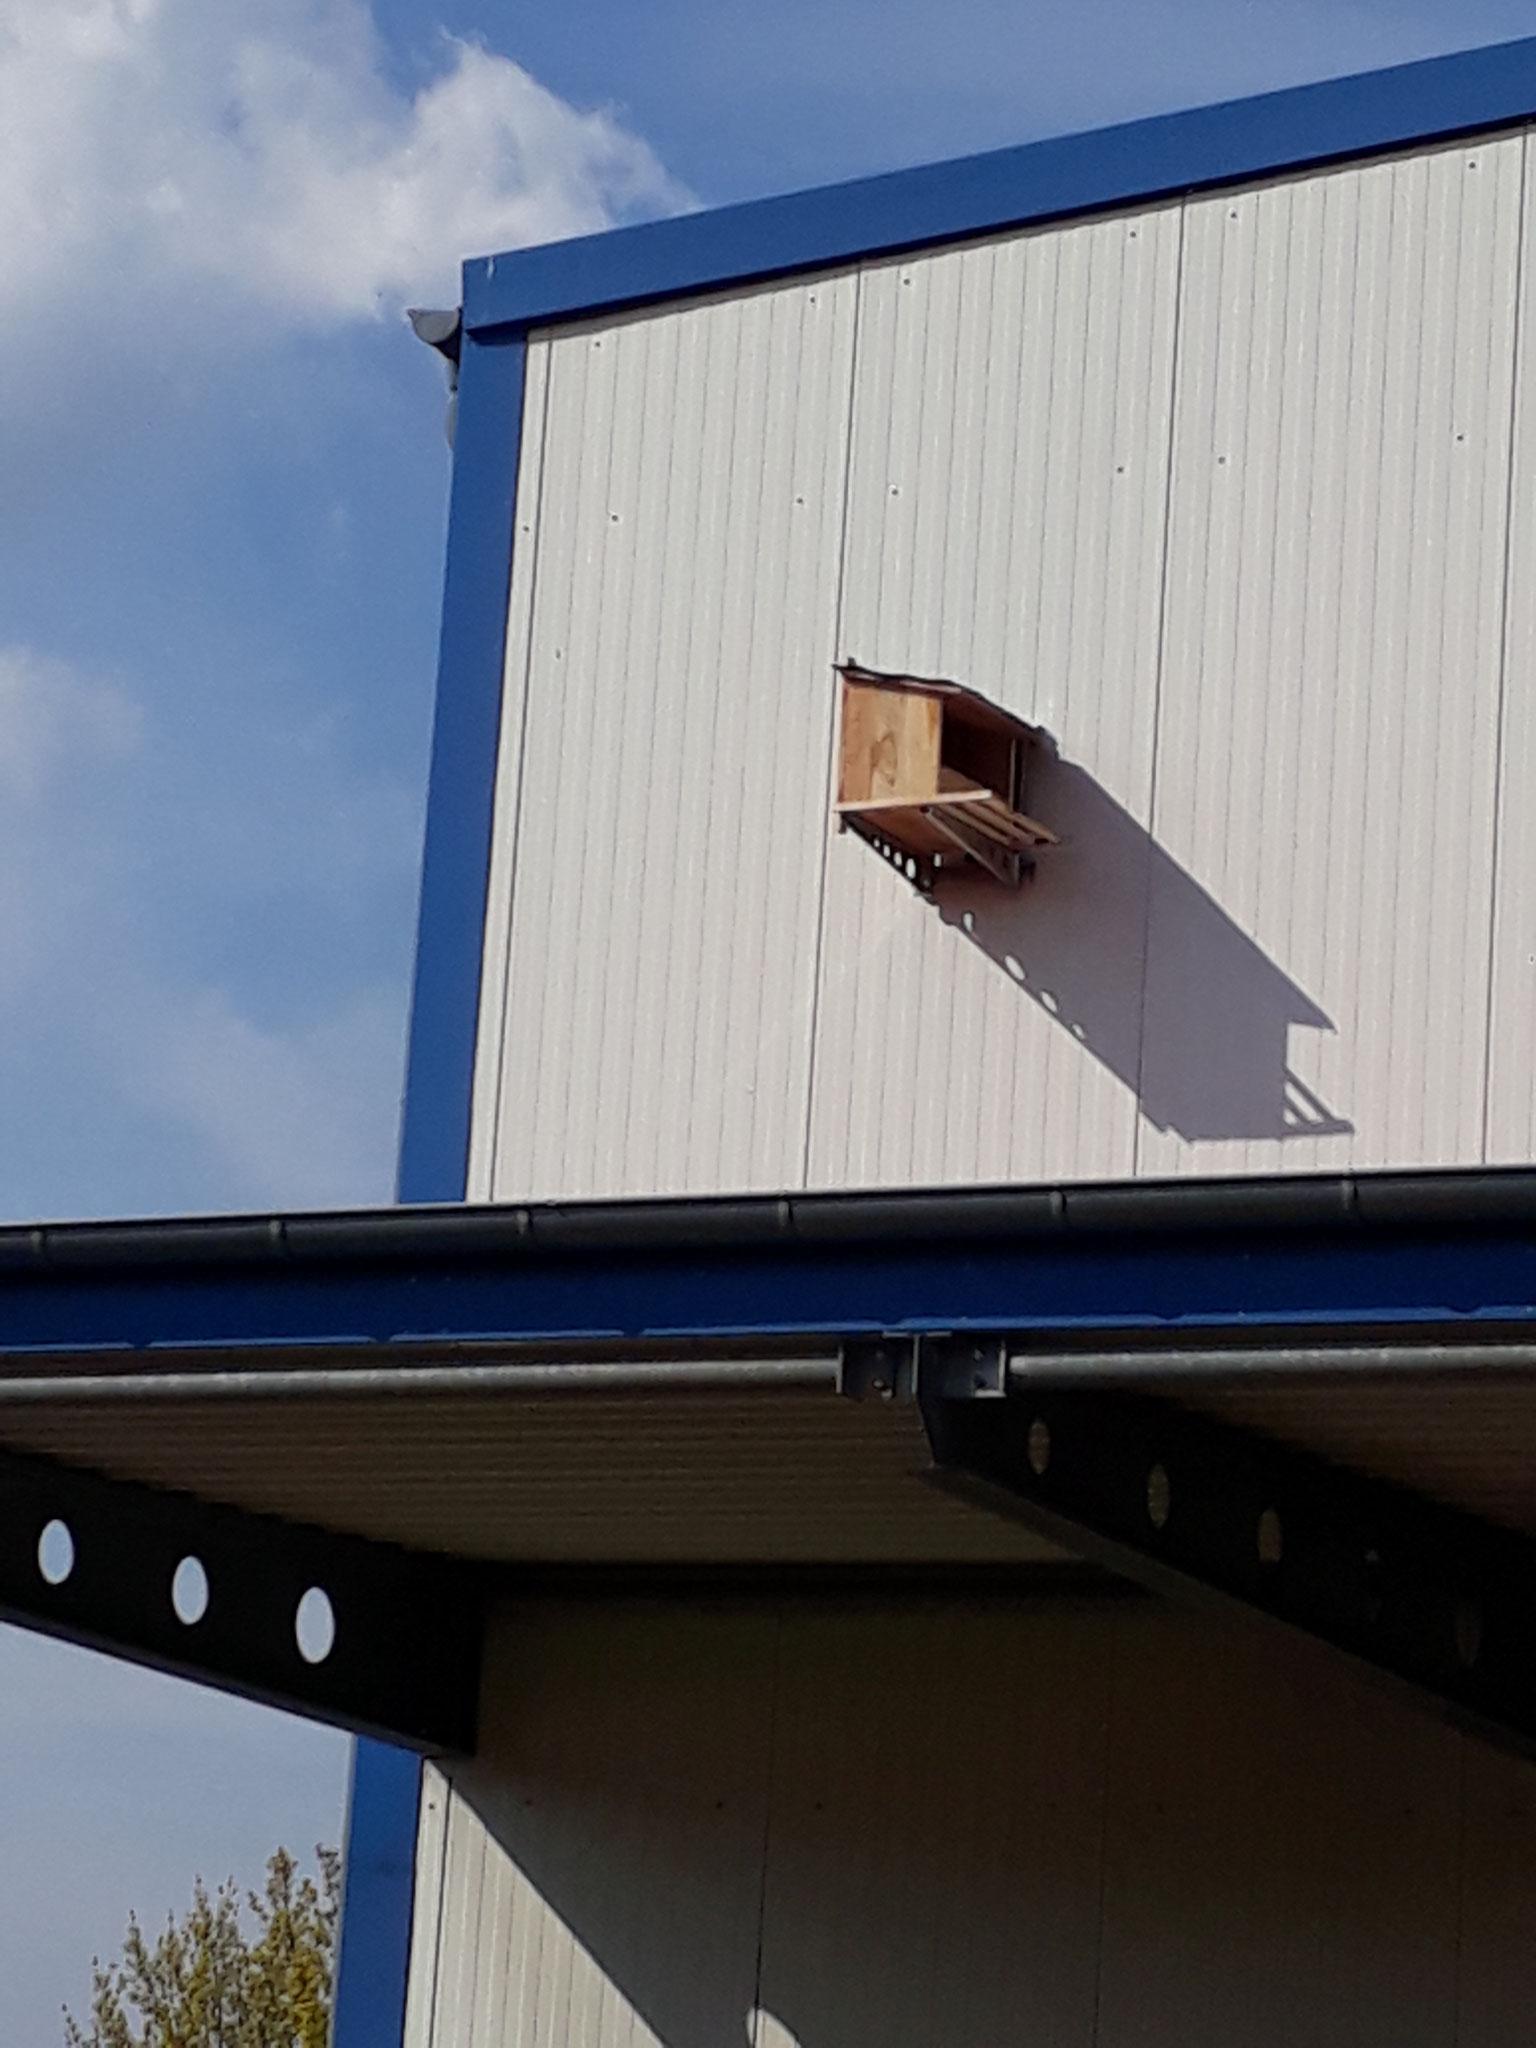 Anbau eines Nistkastens für Turmfalken 2021 (Foto: J. Auras)